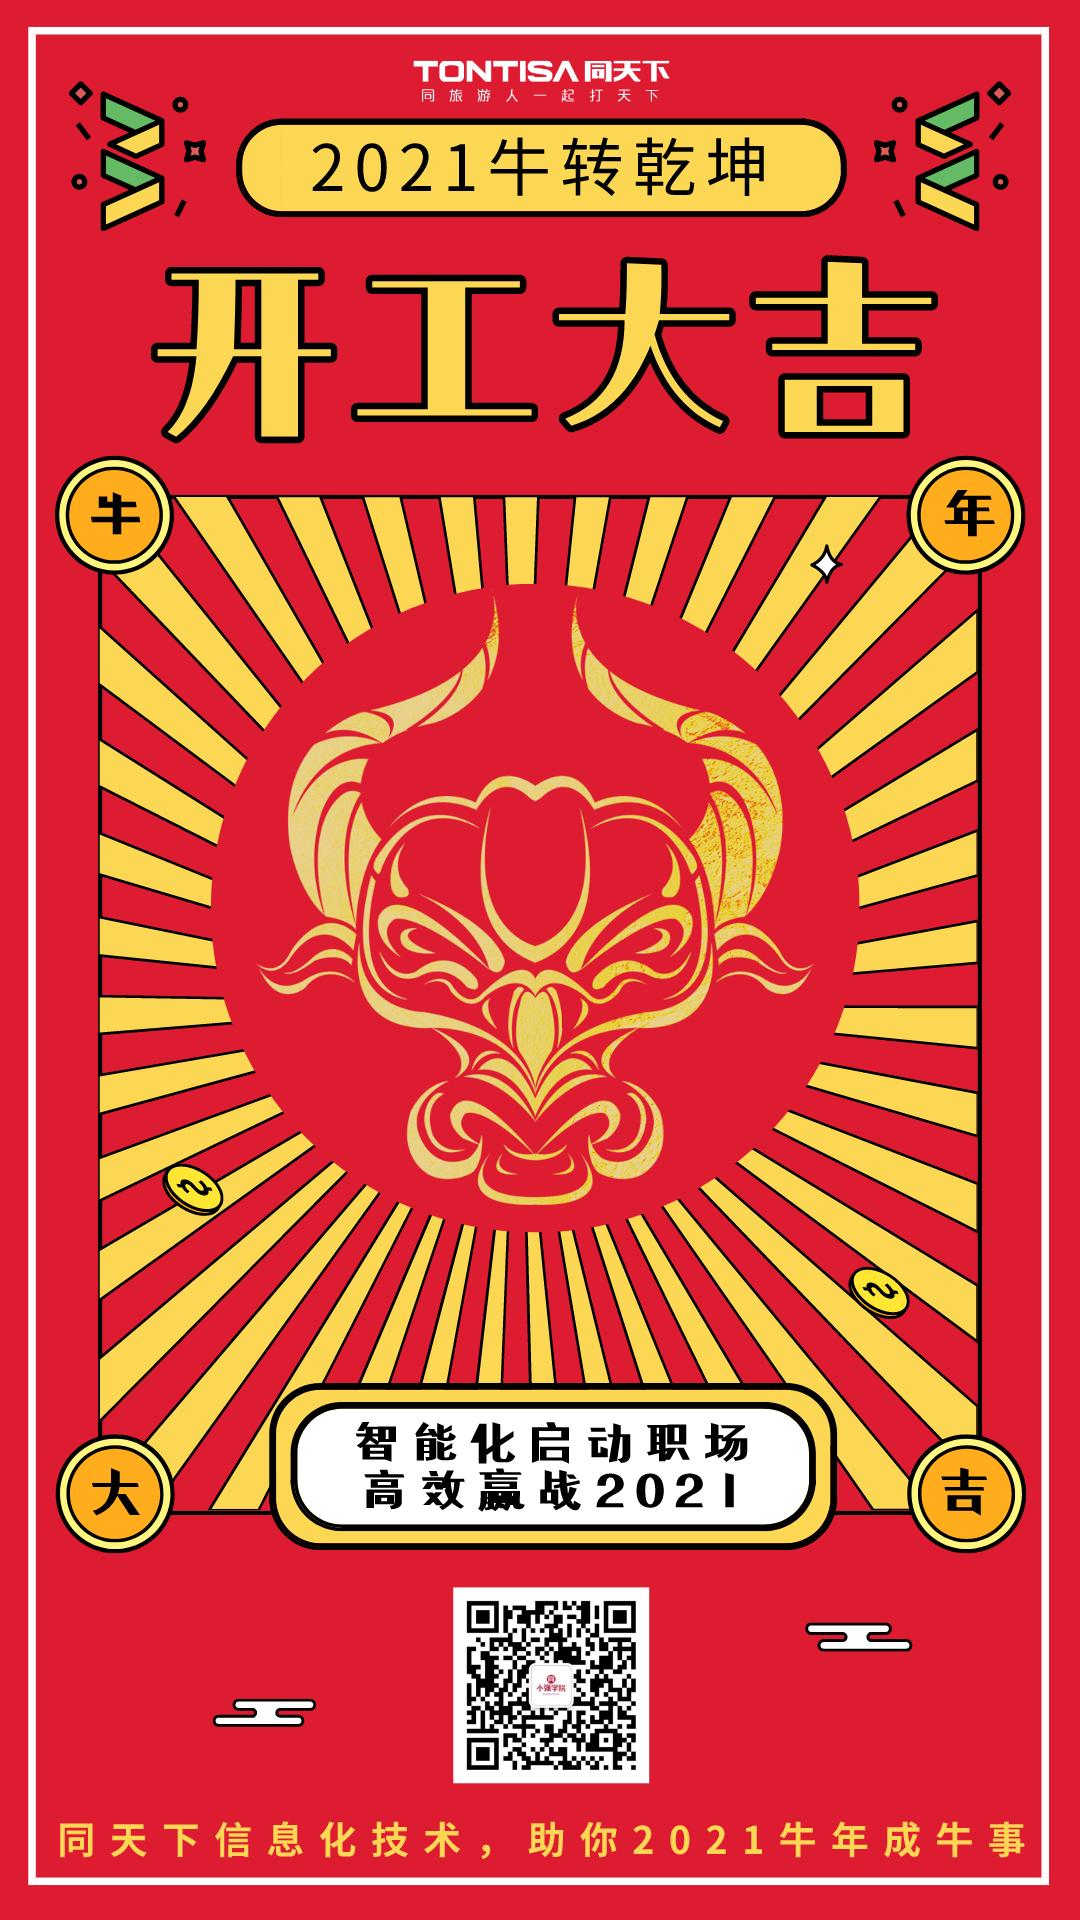 https://cdn.op110.com.cn/official/img/2021/2/18/3119130.png